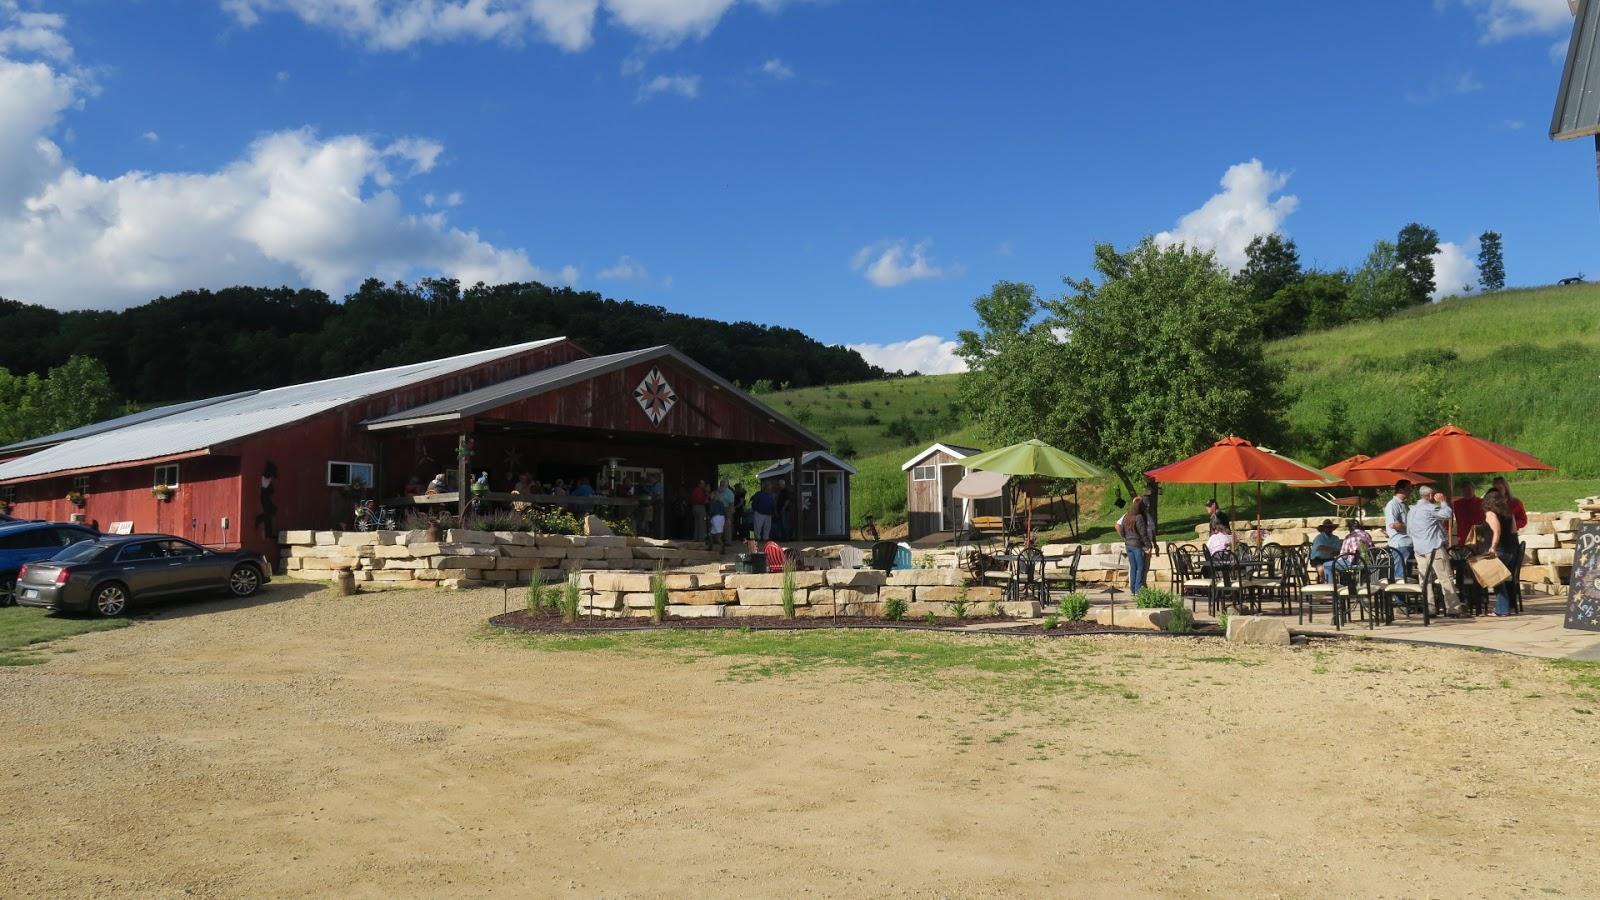 2017 Narc The Barn Again Lodge